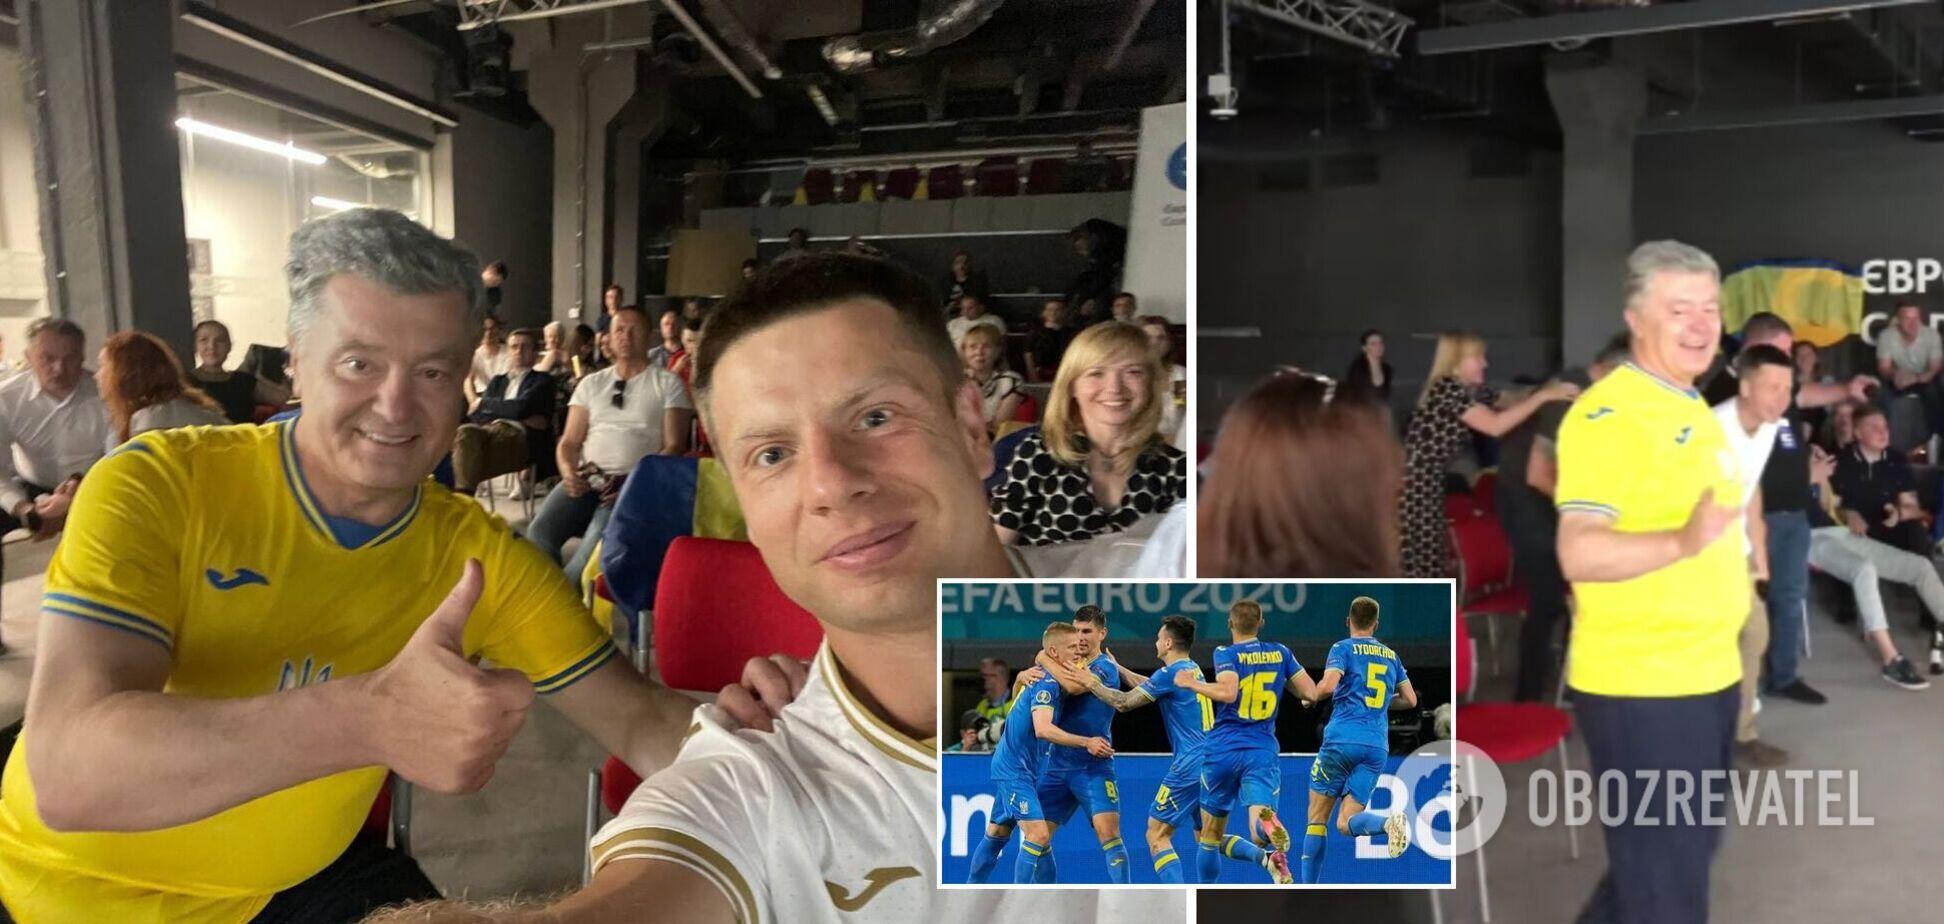 Порошенко показав, як 'ЄС' вболіває за збірну України на Євро-2020. Відео